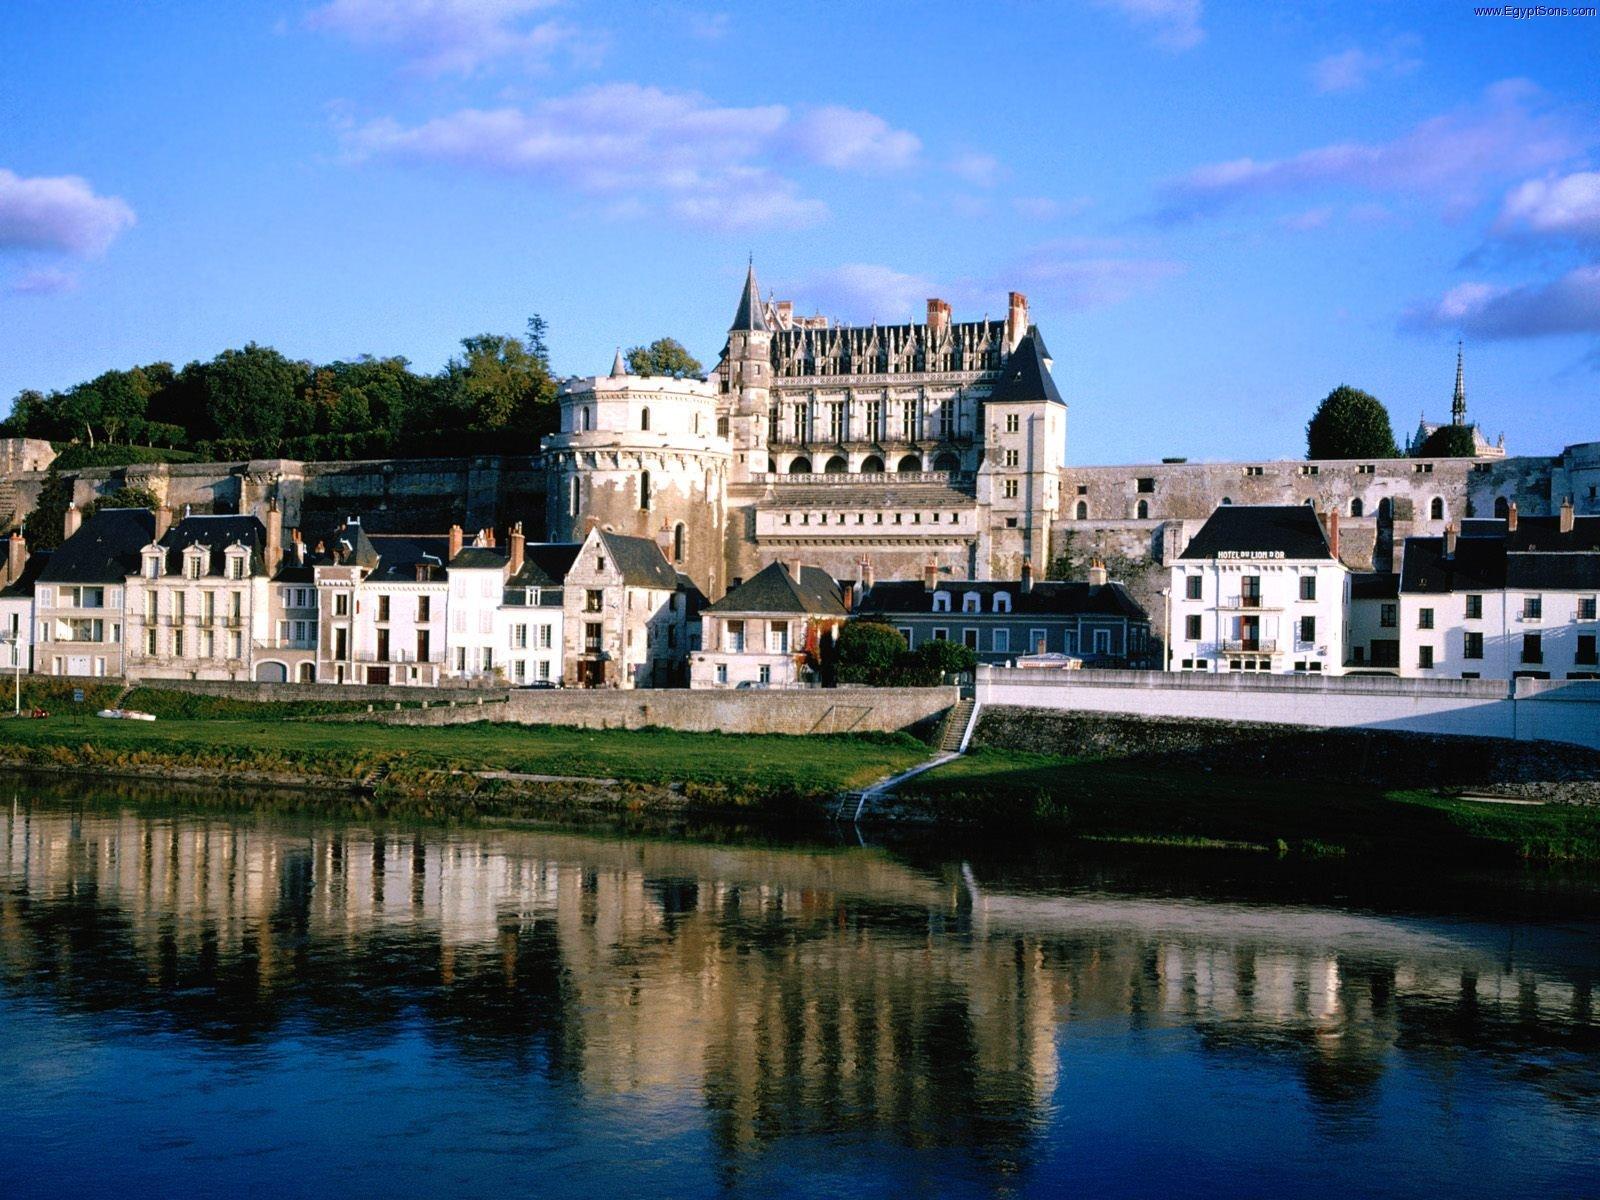 castello-amboise-cosa-vedere-in-francia